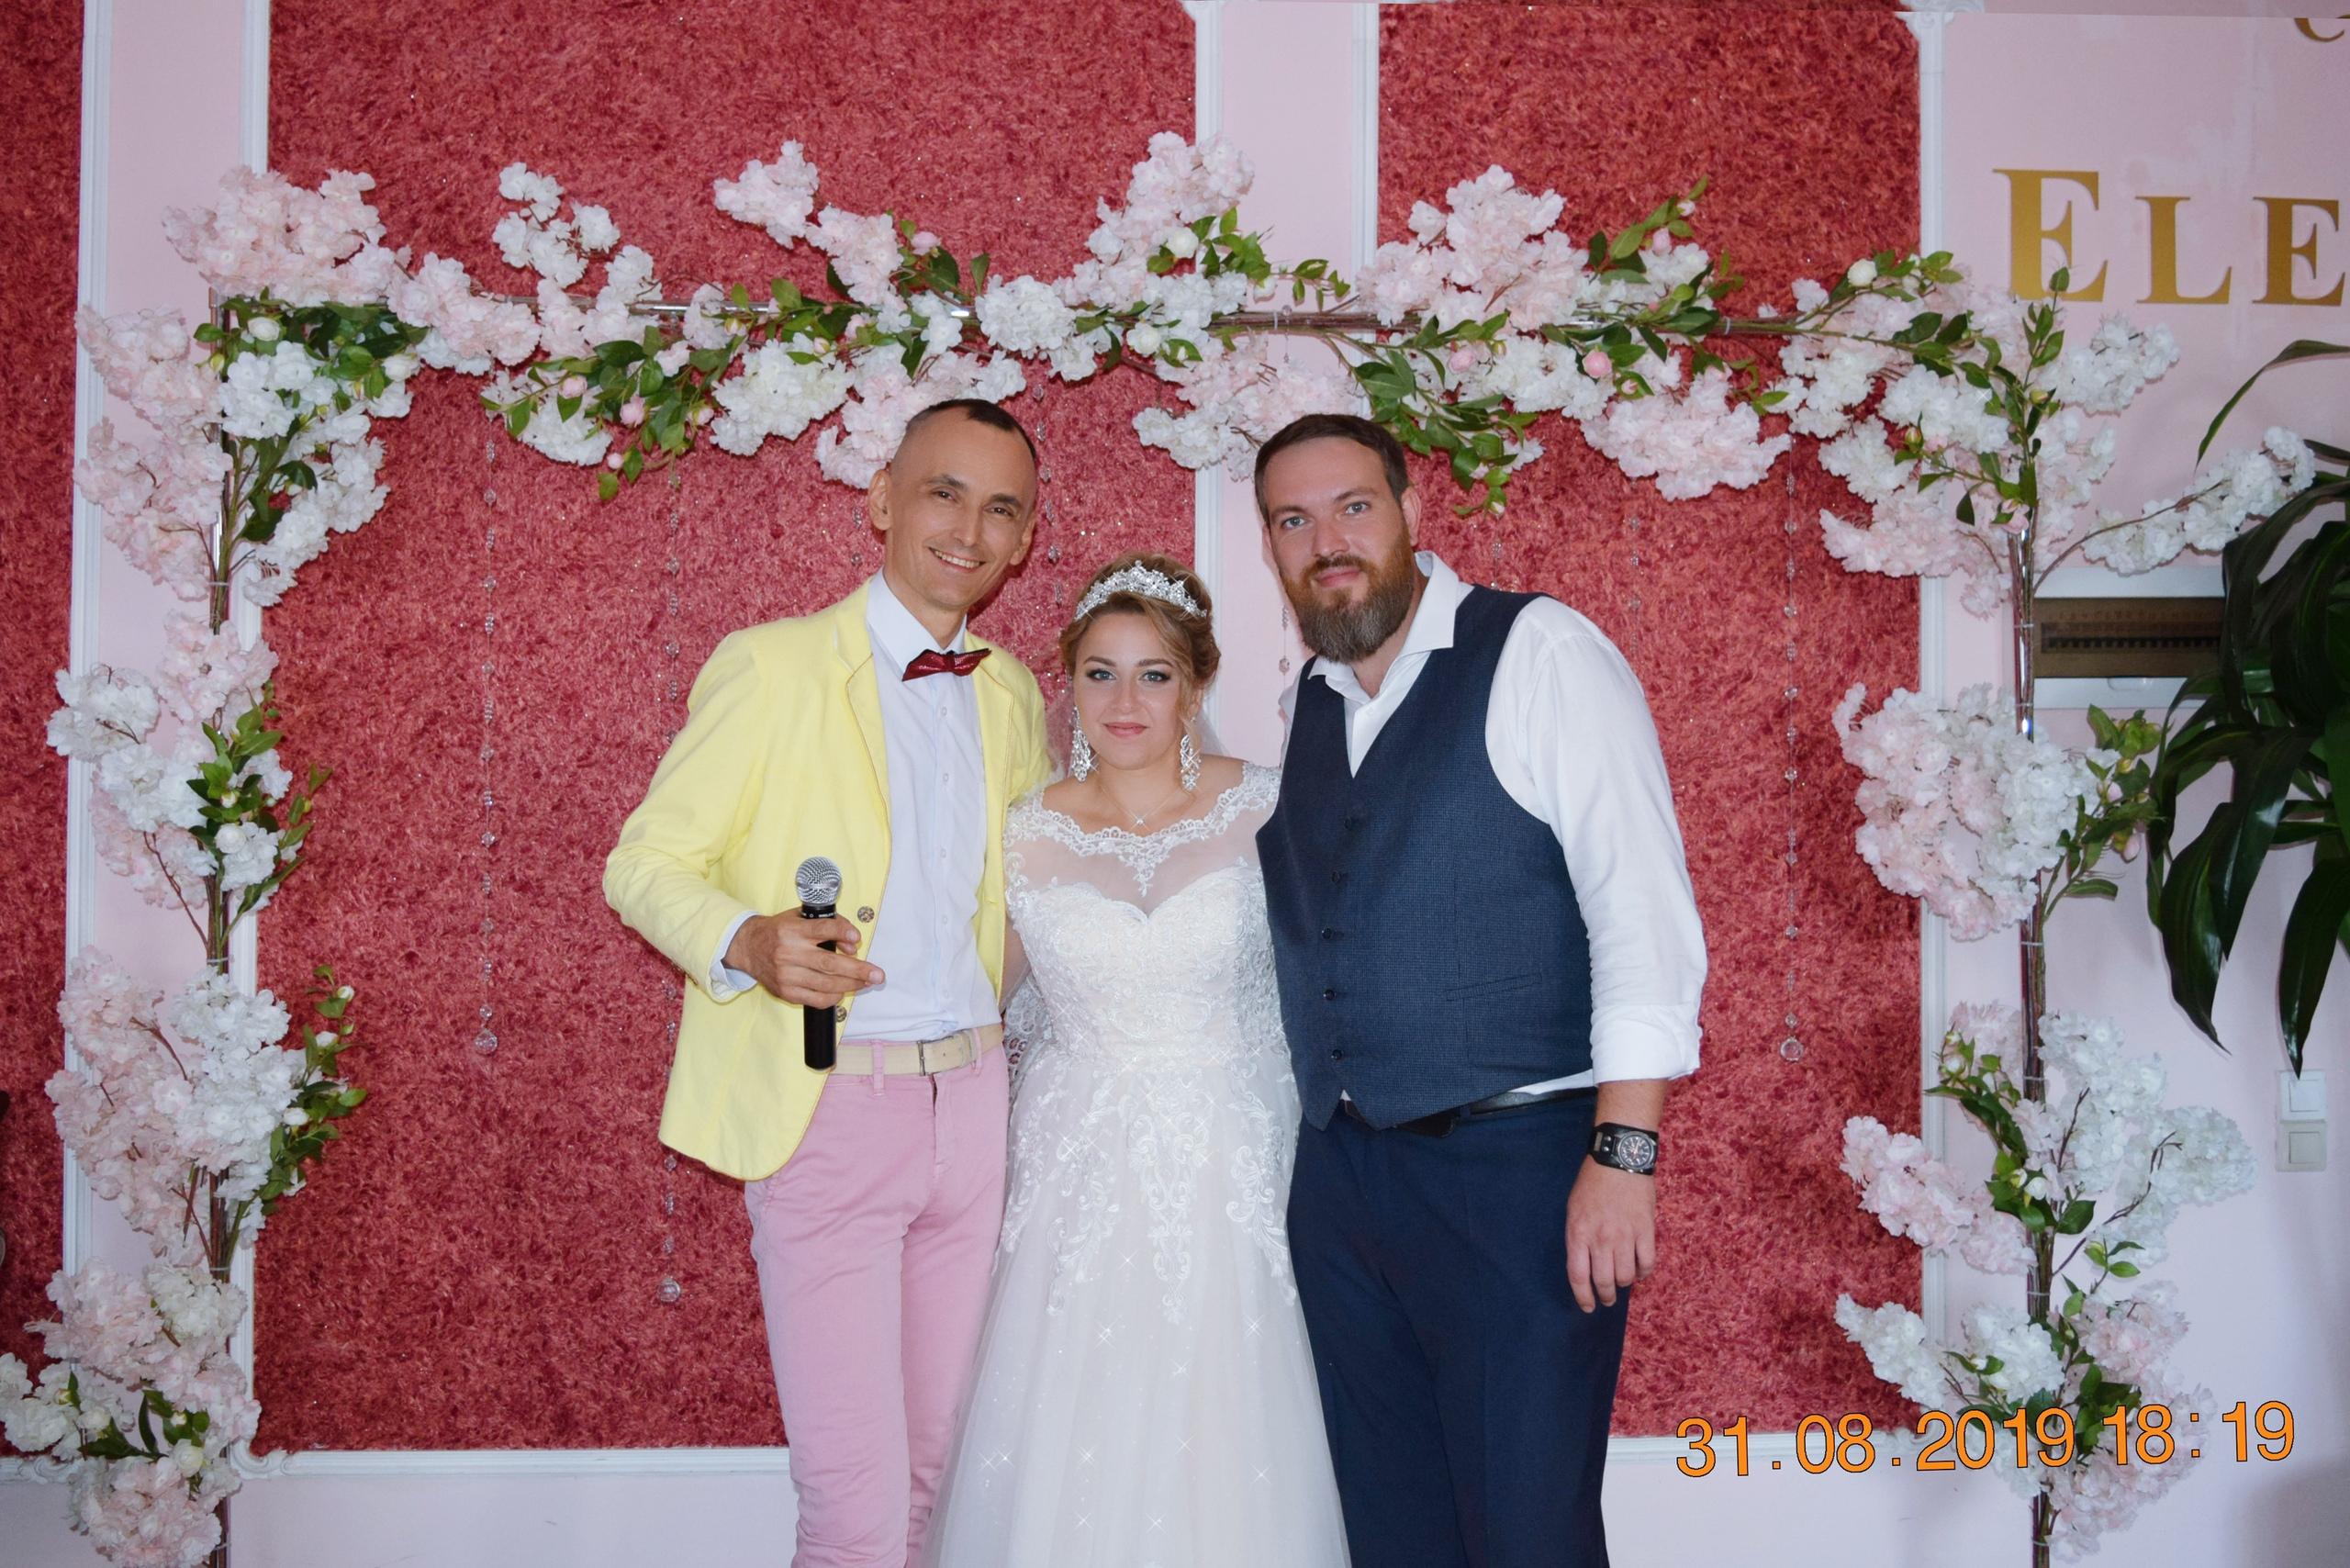 Lpm F6xrNUI - Свадьба Павла и Юлии